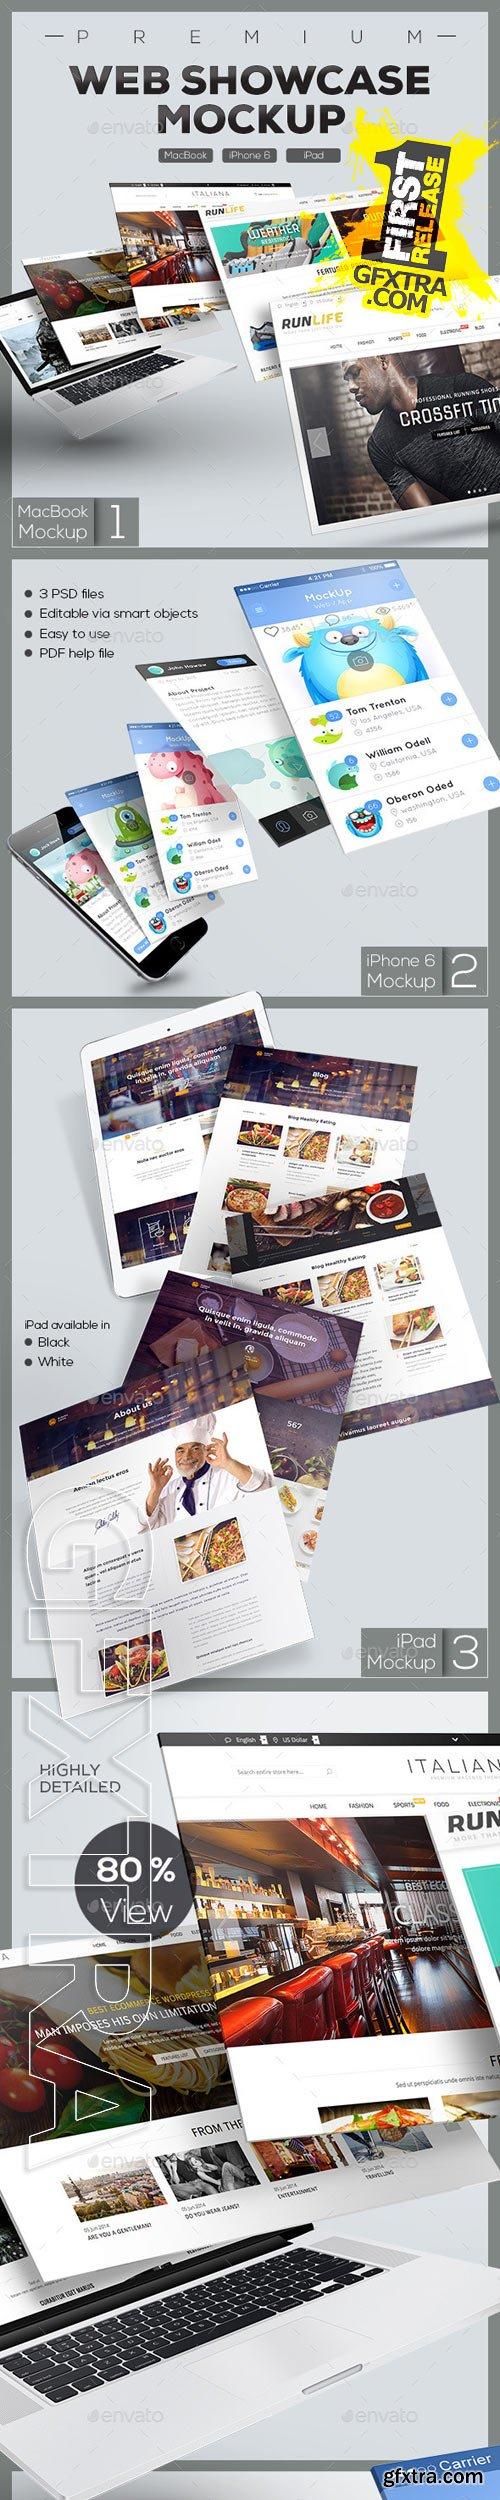 GraphicRiver - Web Showcase Mockup 9608545